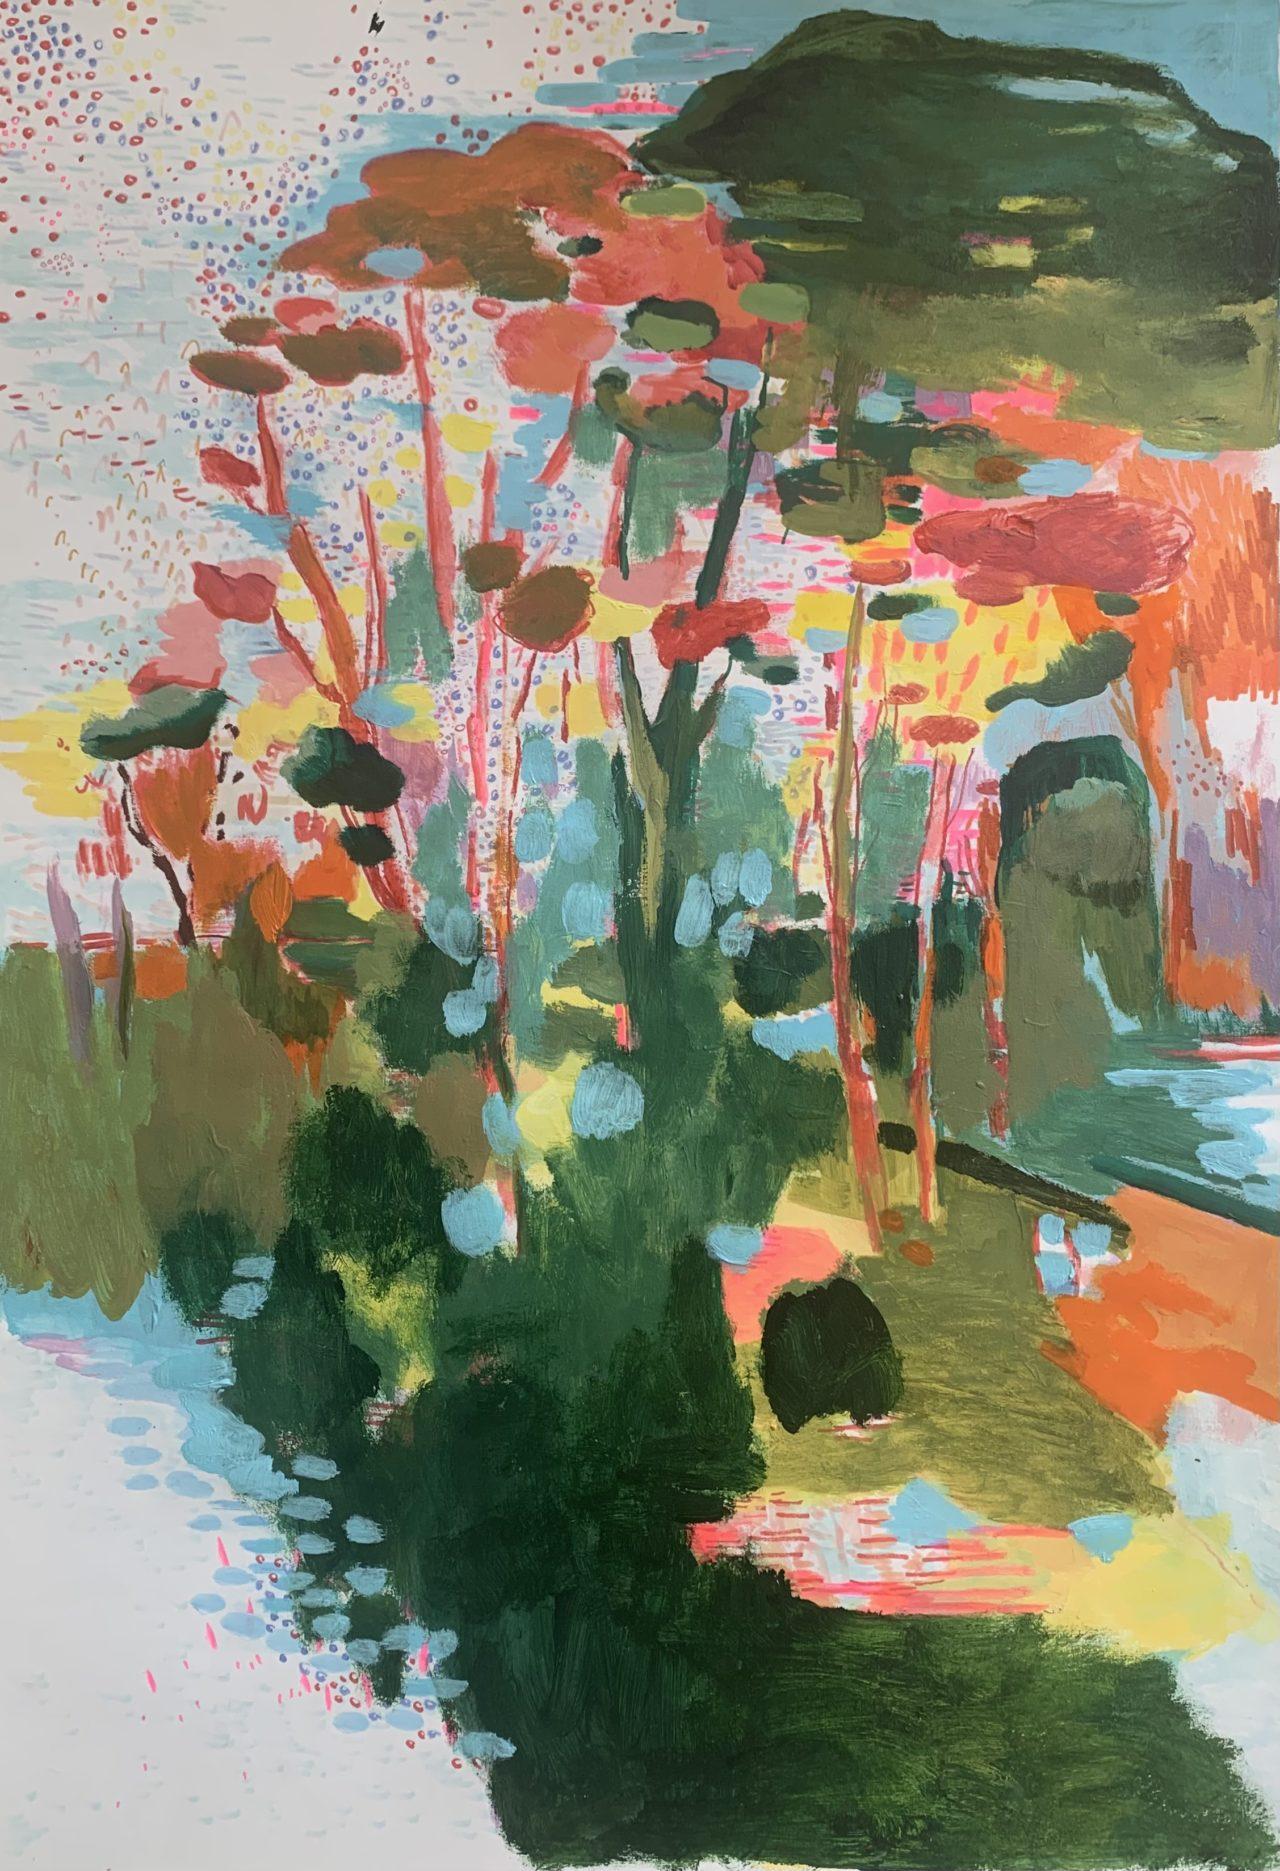 Crescendo, 100 x 70 cm, Acryl, Tusche- und Lackstifte auf Papier, 2021